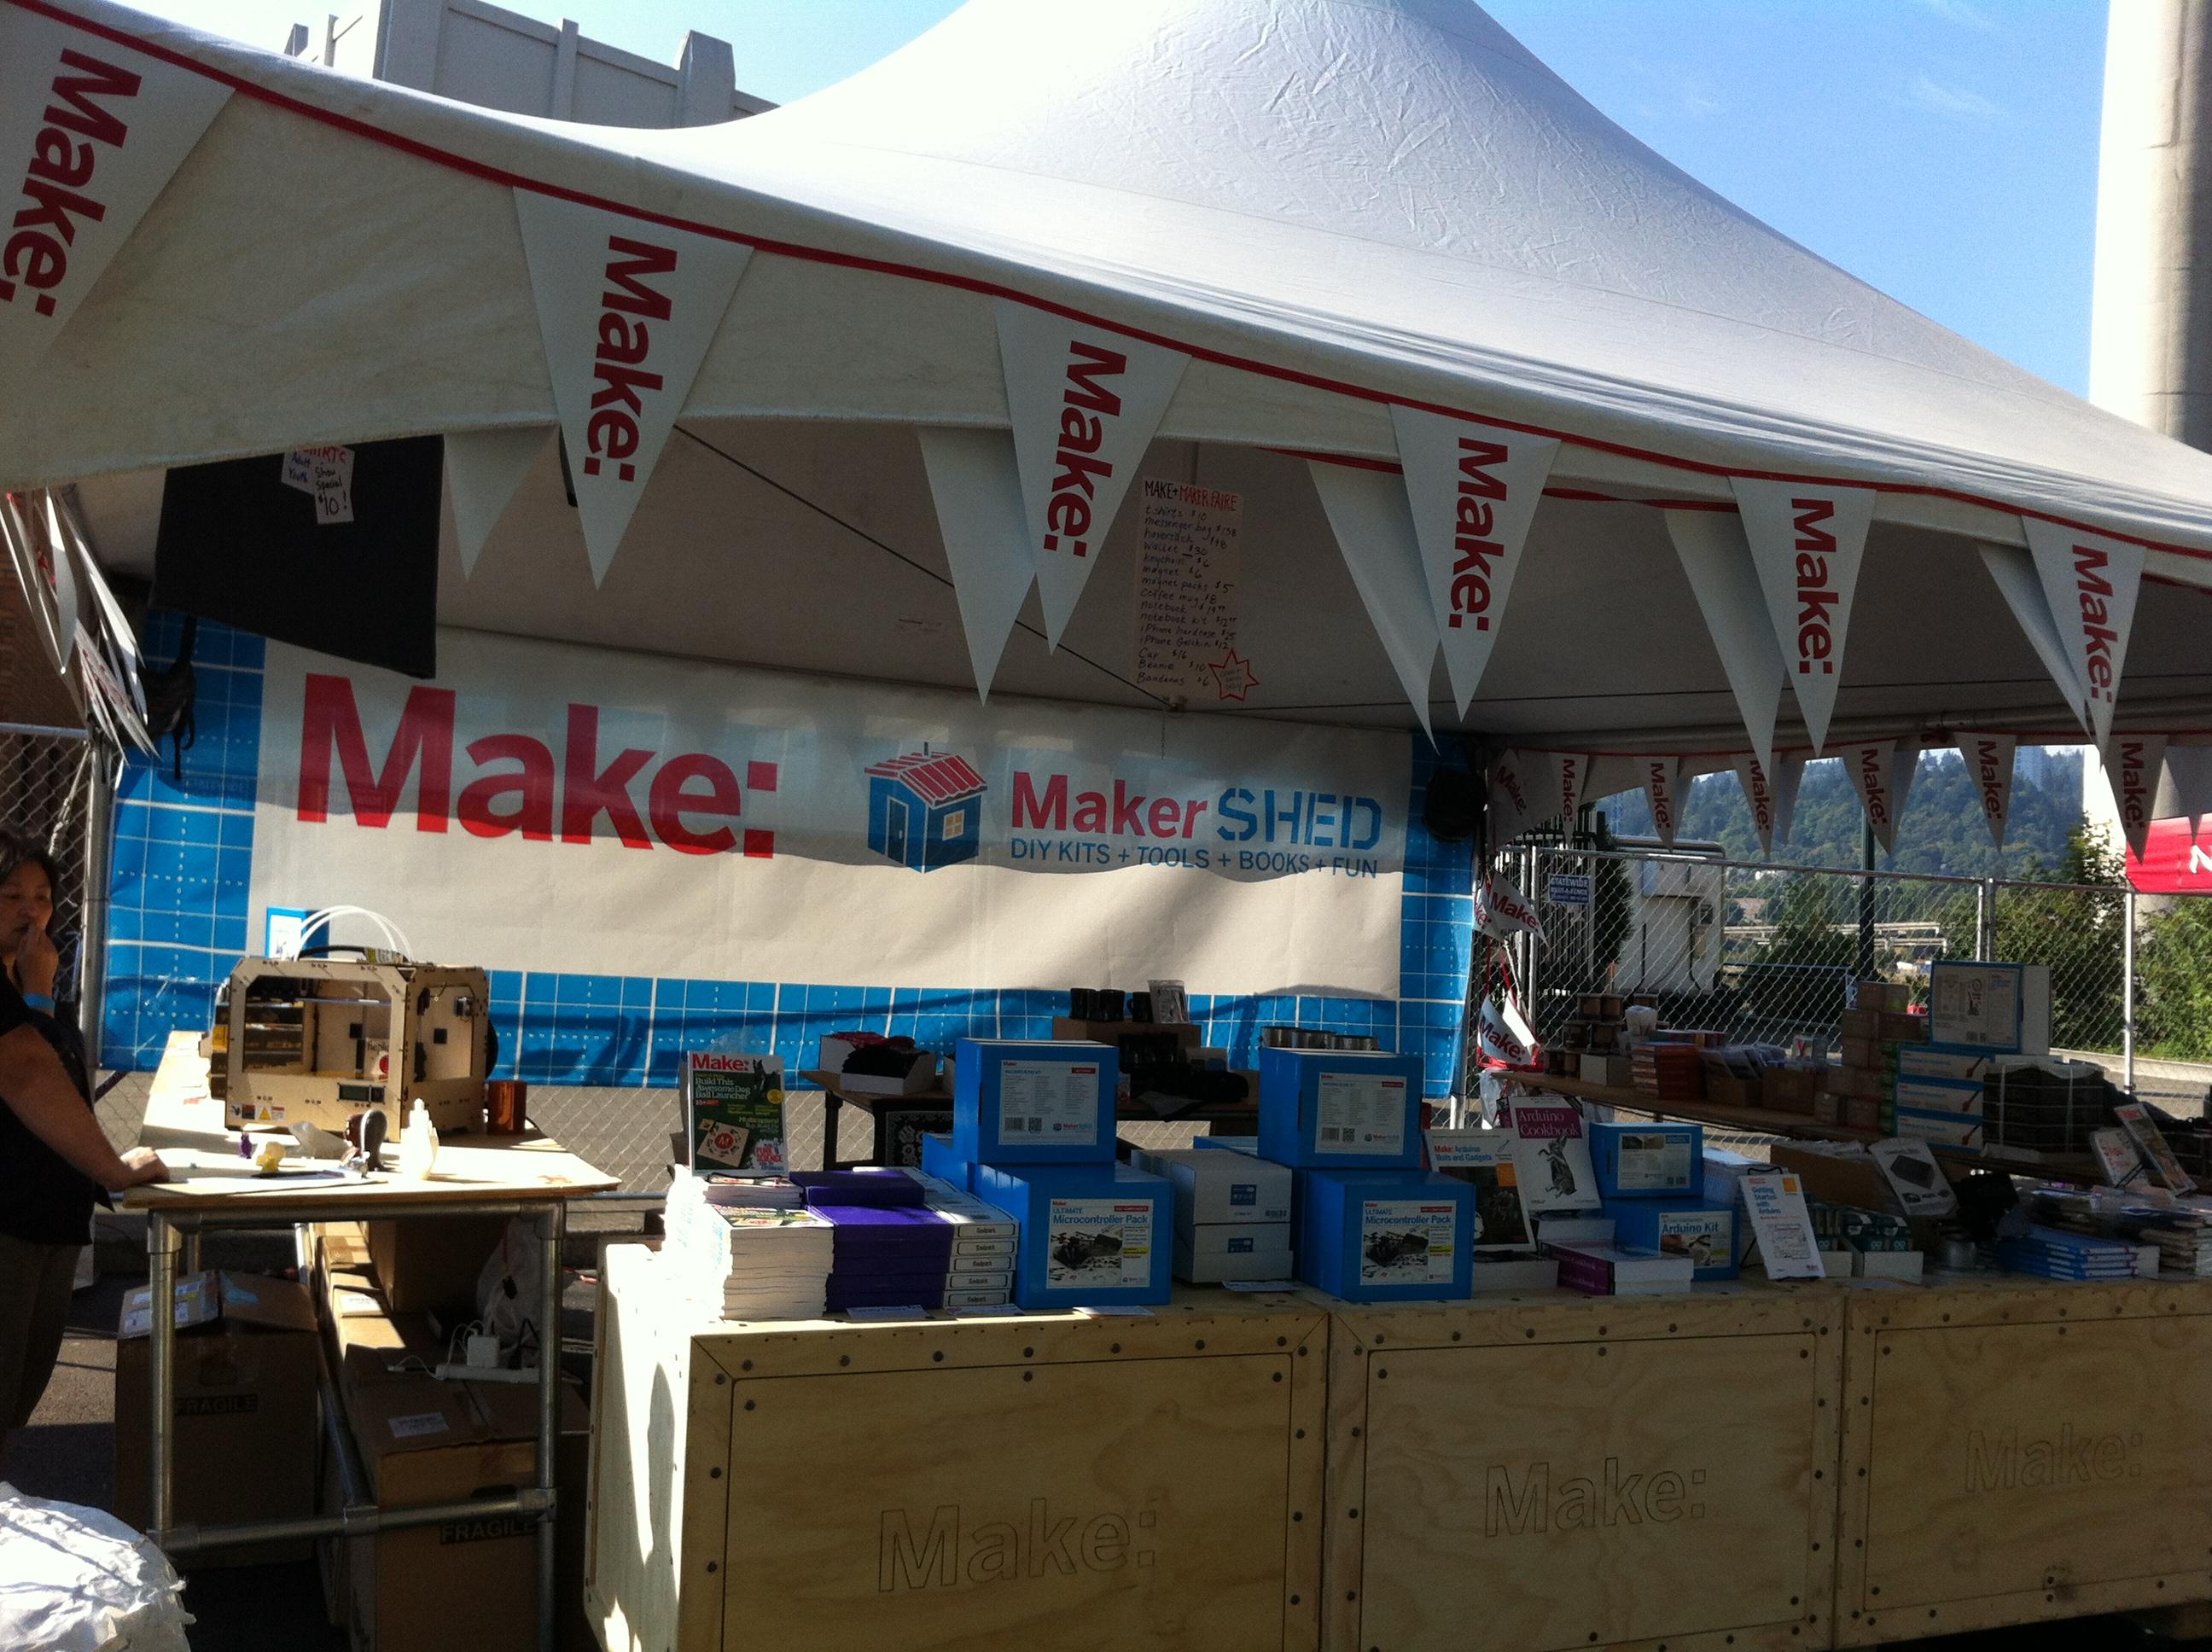 Maker Shed + MakerBot Replicators at Portland Mini Maker Faire